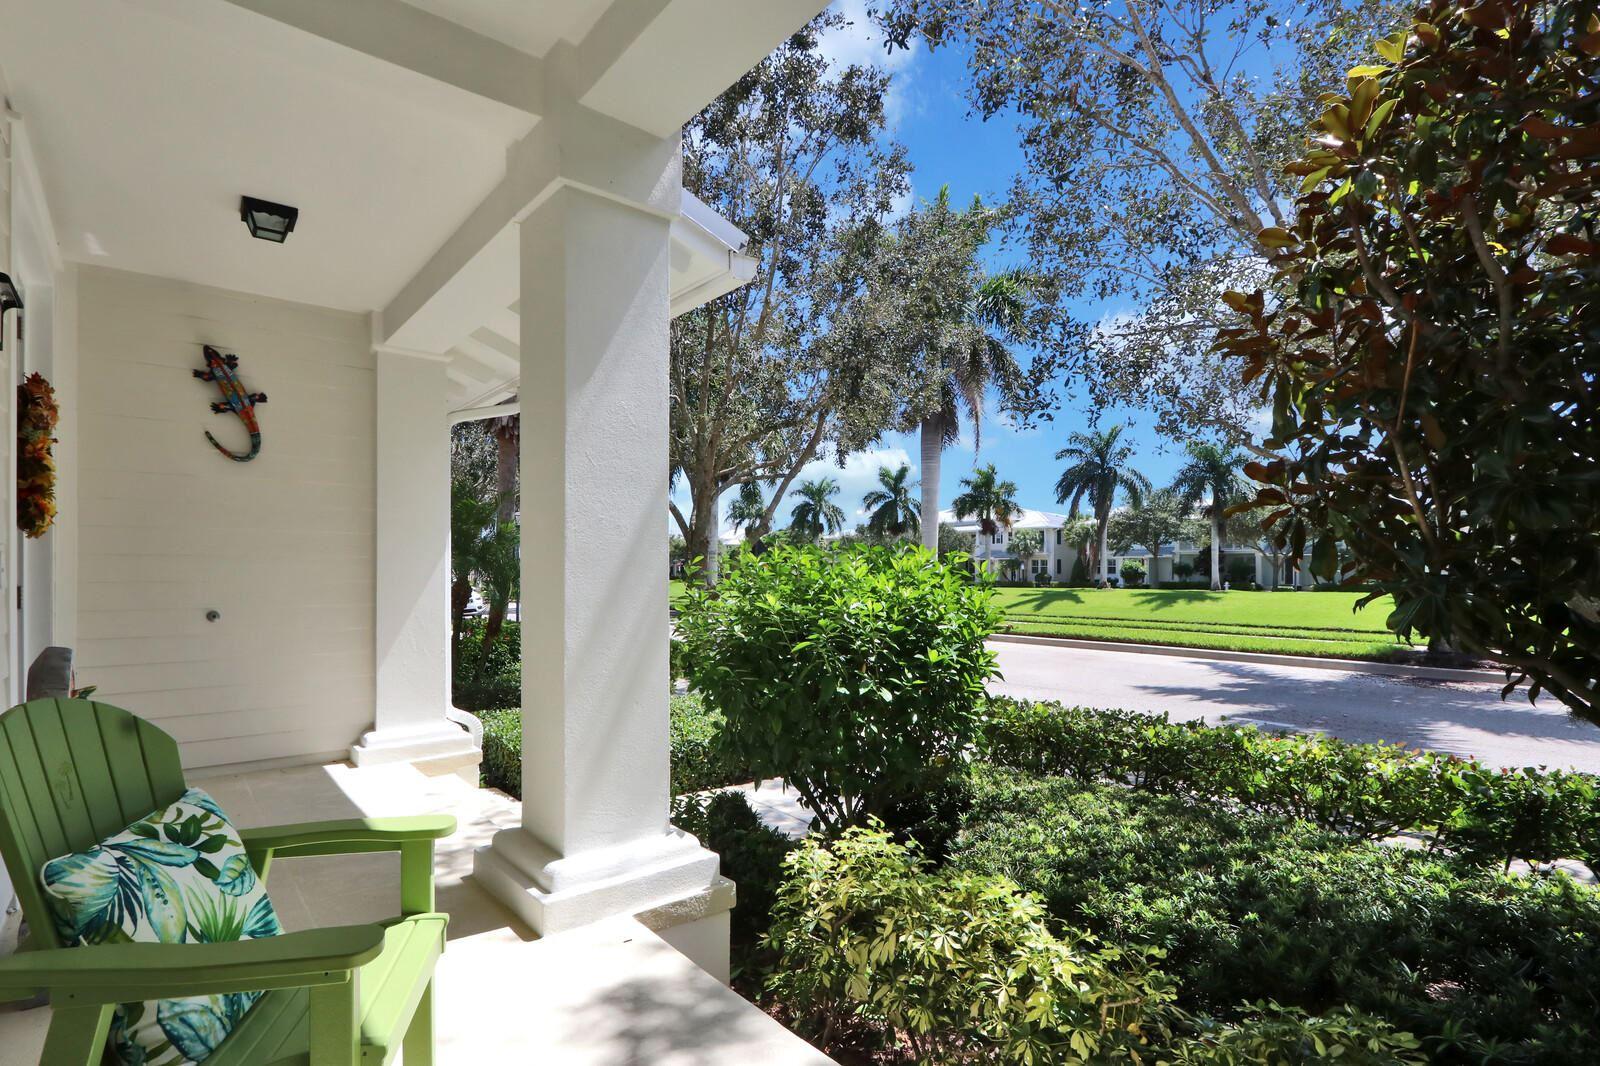 Photo of 1447 N Jeaga Drive, Jupiter, FL 33458 (MLS # RX-10657102)